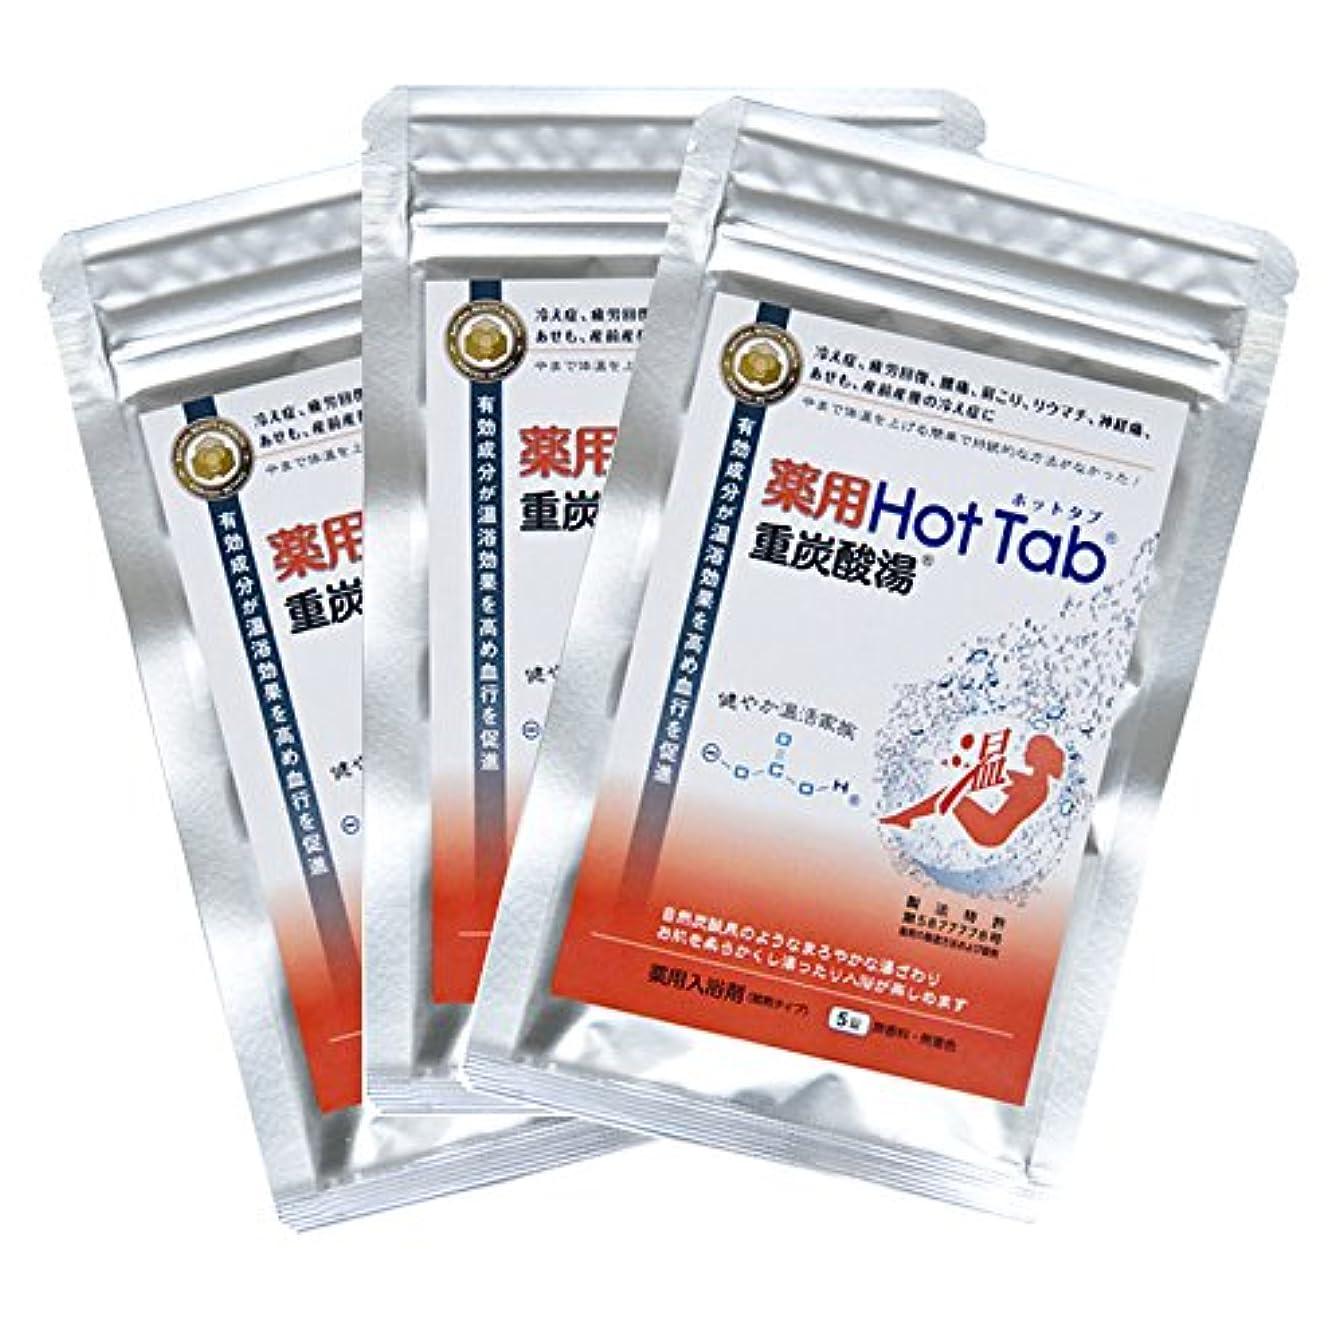 ペフ危険金銭的な薬用 Hot Tab 重炭酸湯 5錠入りx3セット